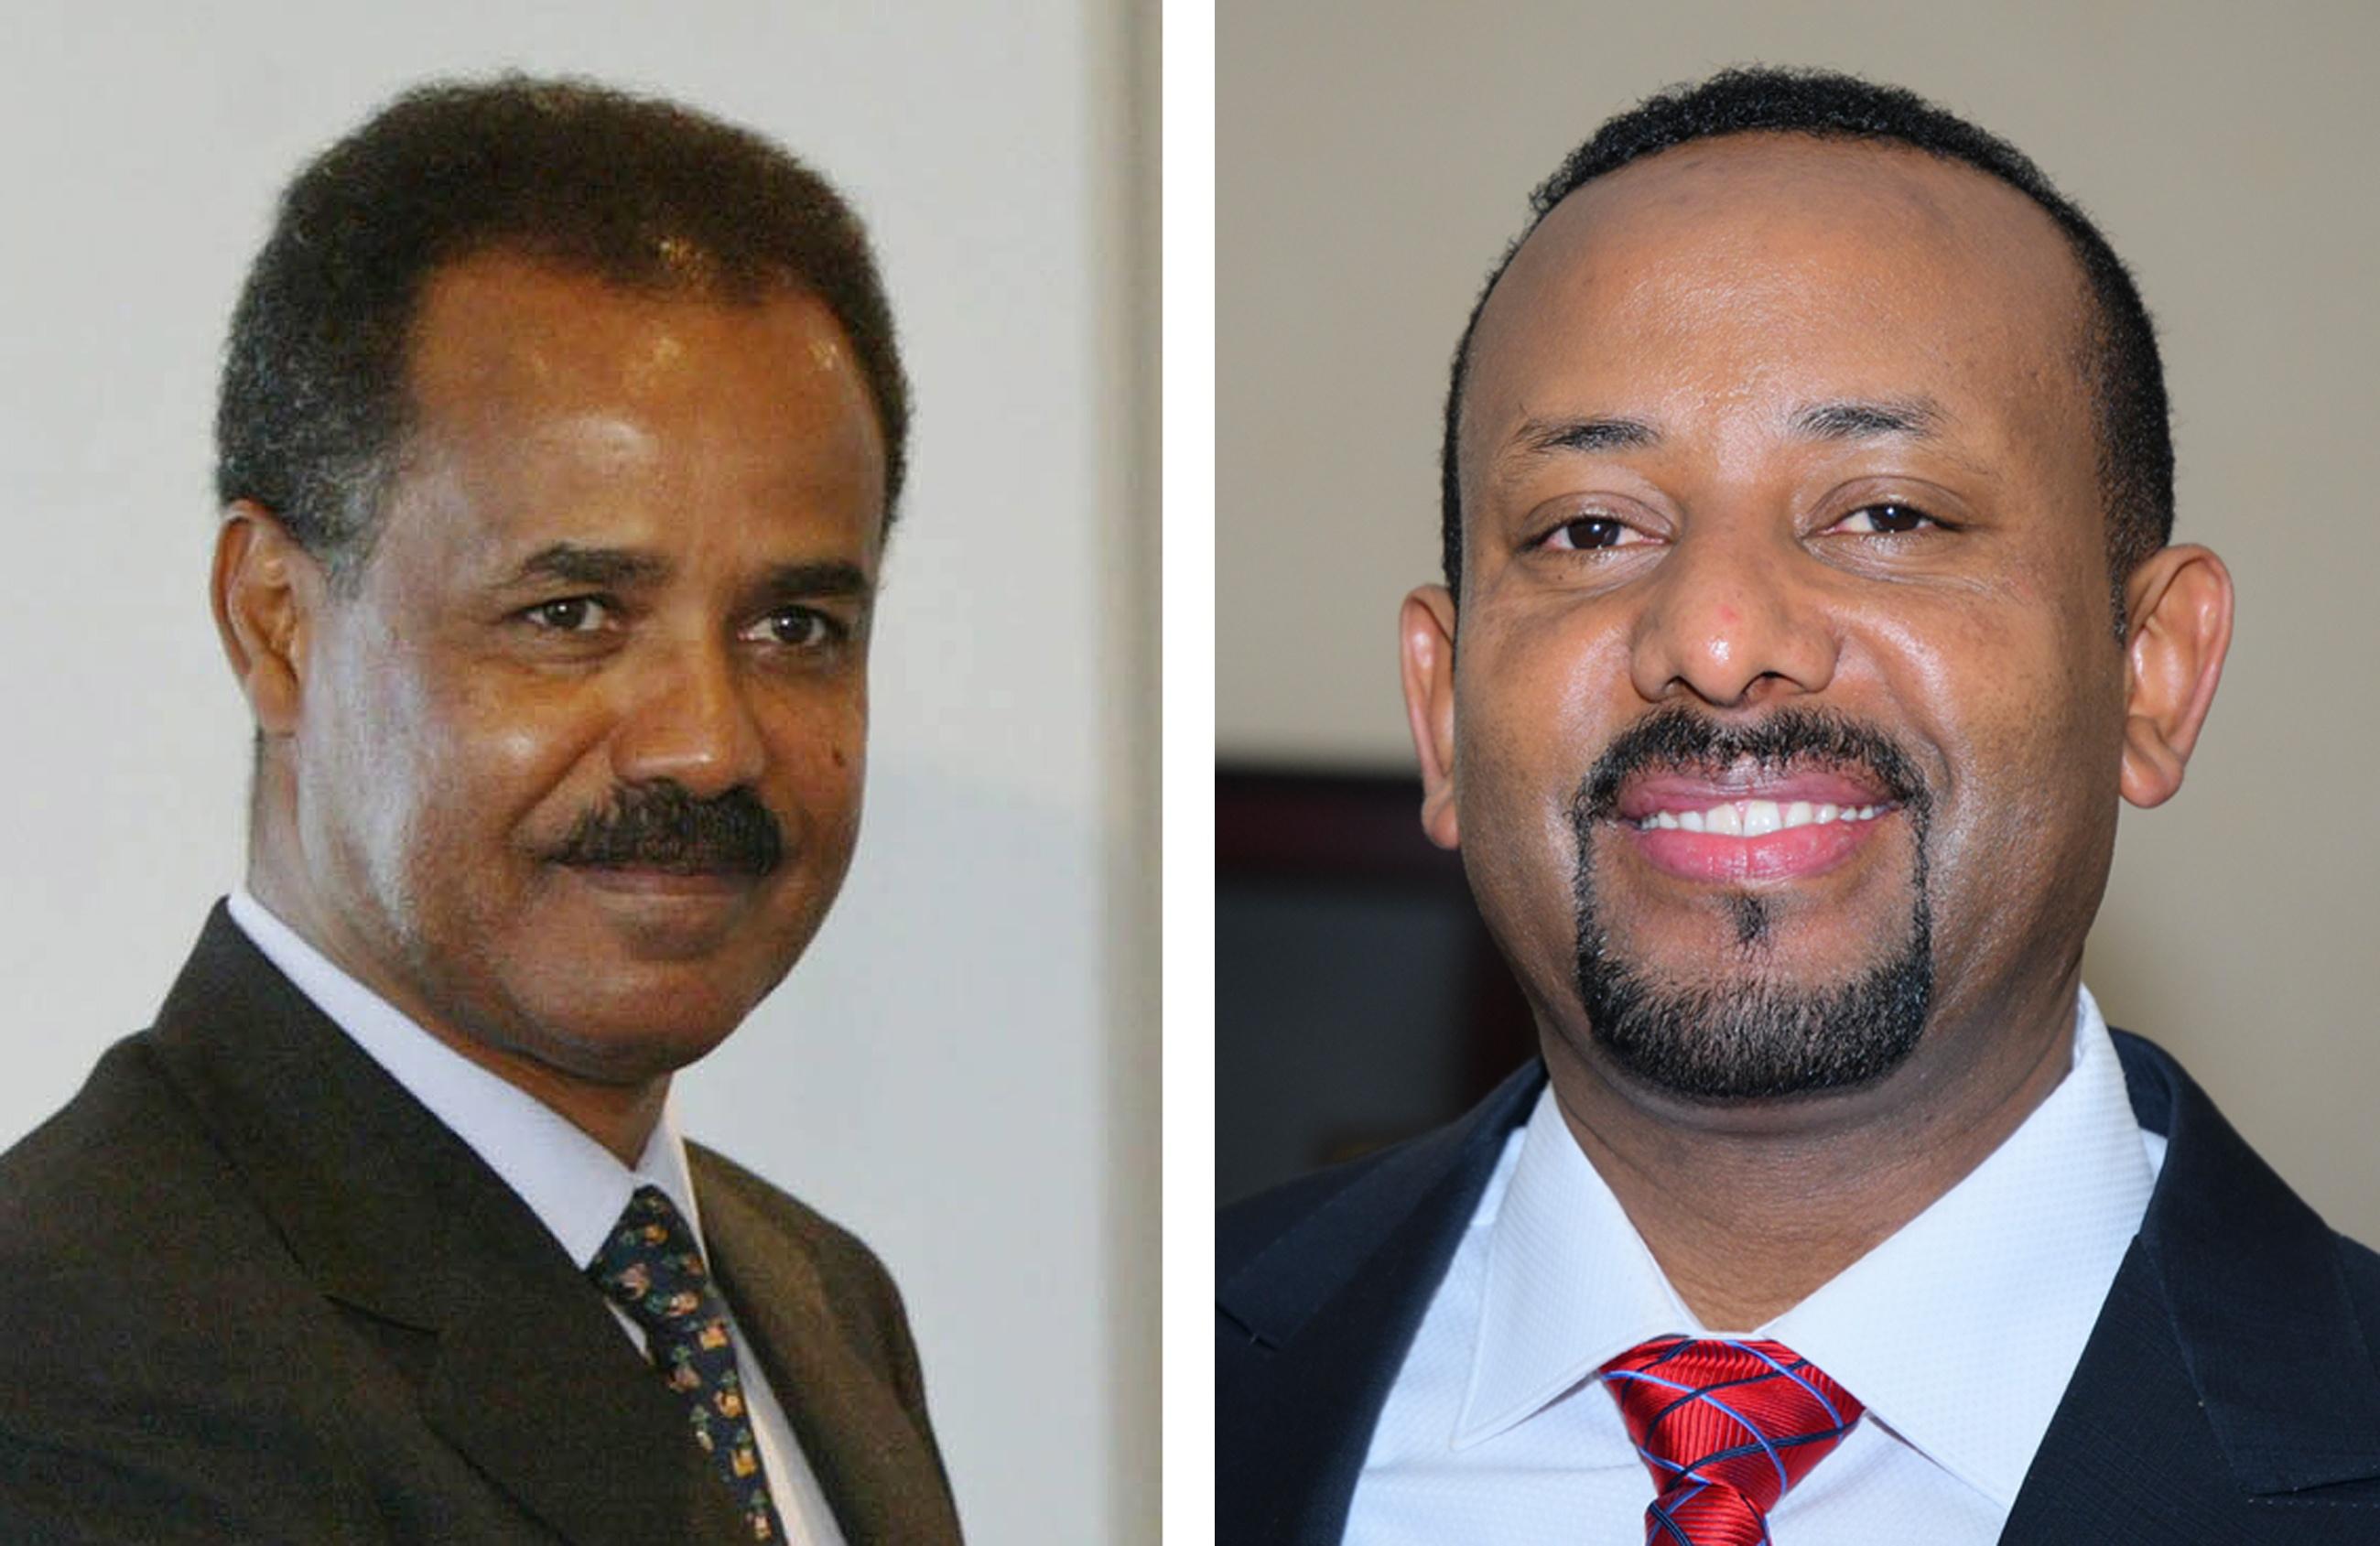 Povijesni sastanak čelnika Etiopije i Eritreje nakon godina neprijateljstva